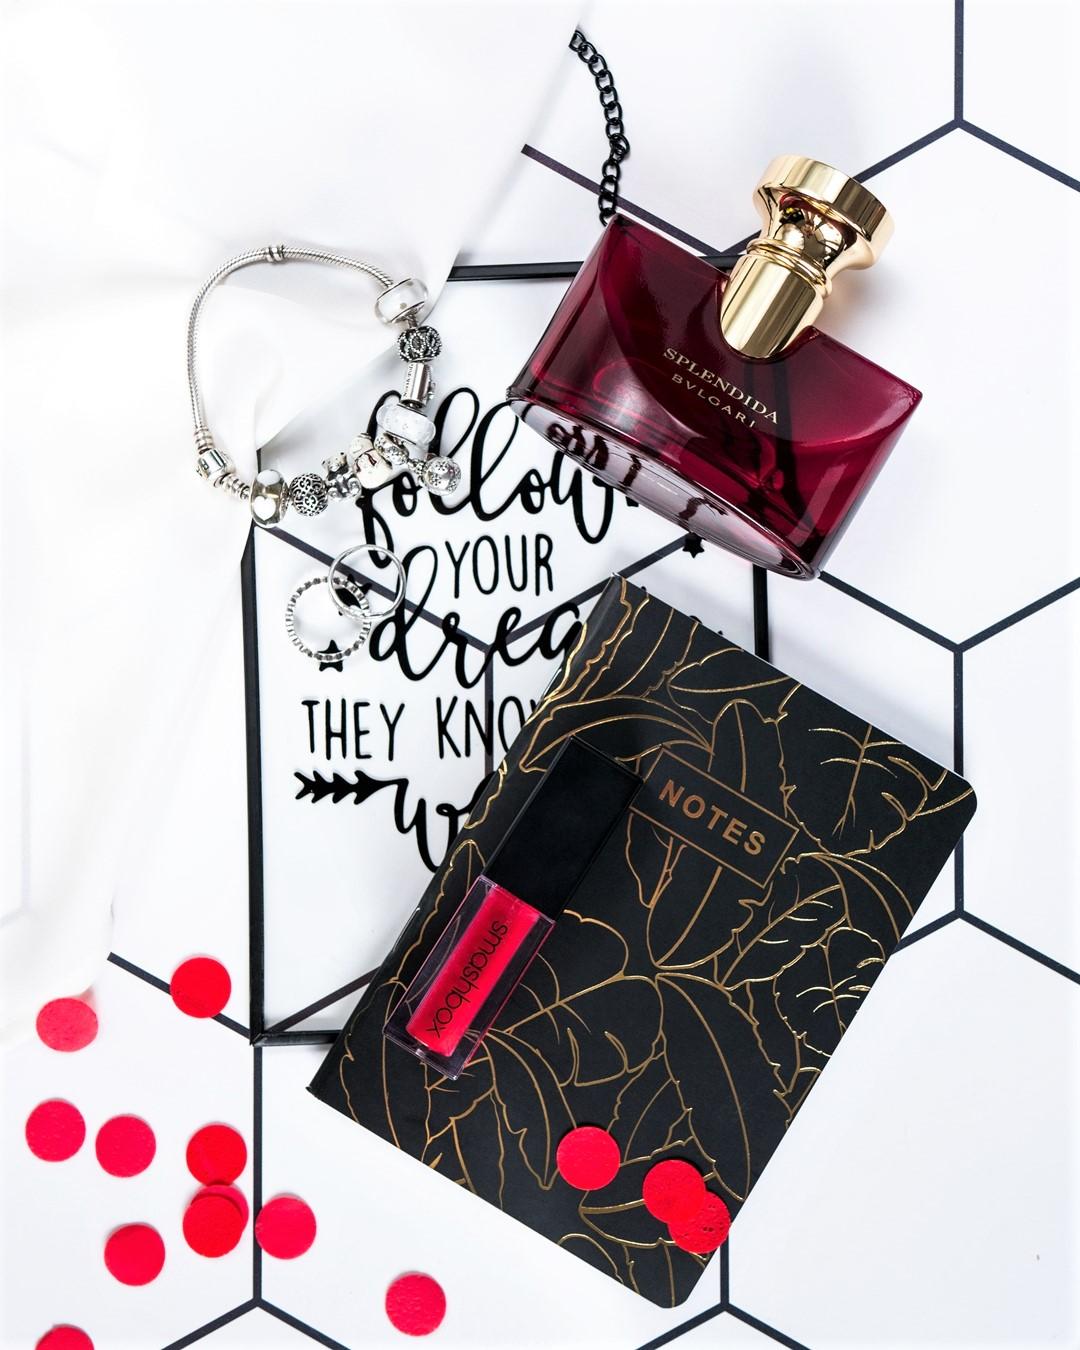 Dzień kobiet - co kupić, czyli pomysły na idealny prezent